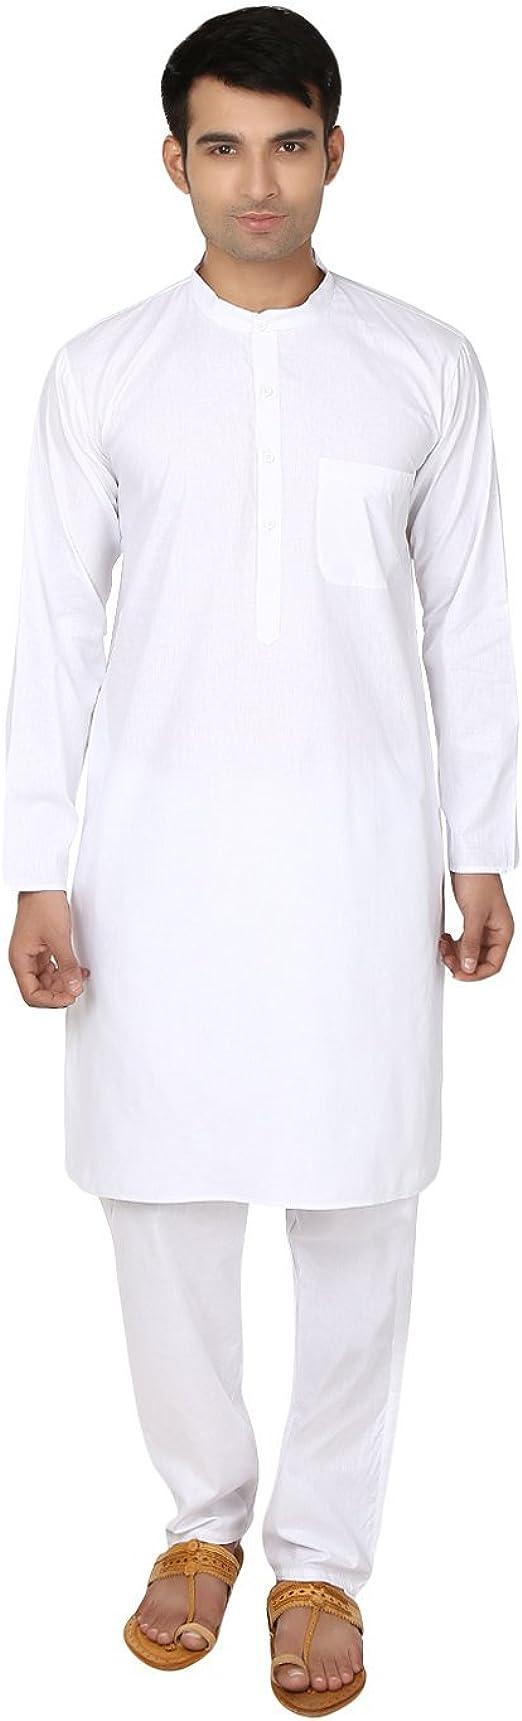 Kurta-pijama blanco de algodón para hombre - ropa para yoga de la ...